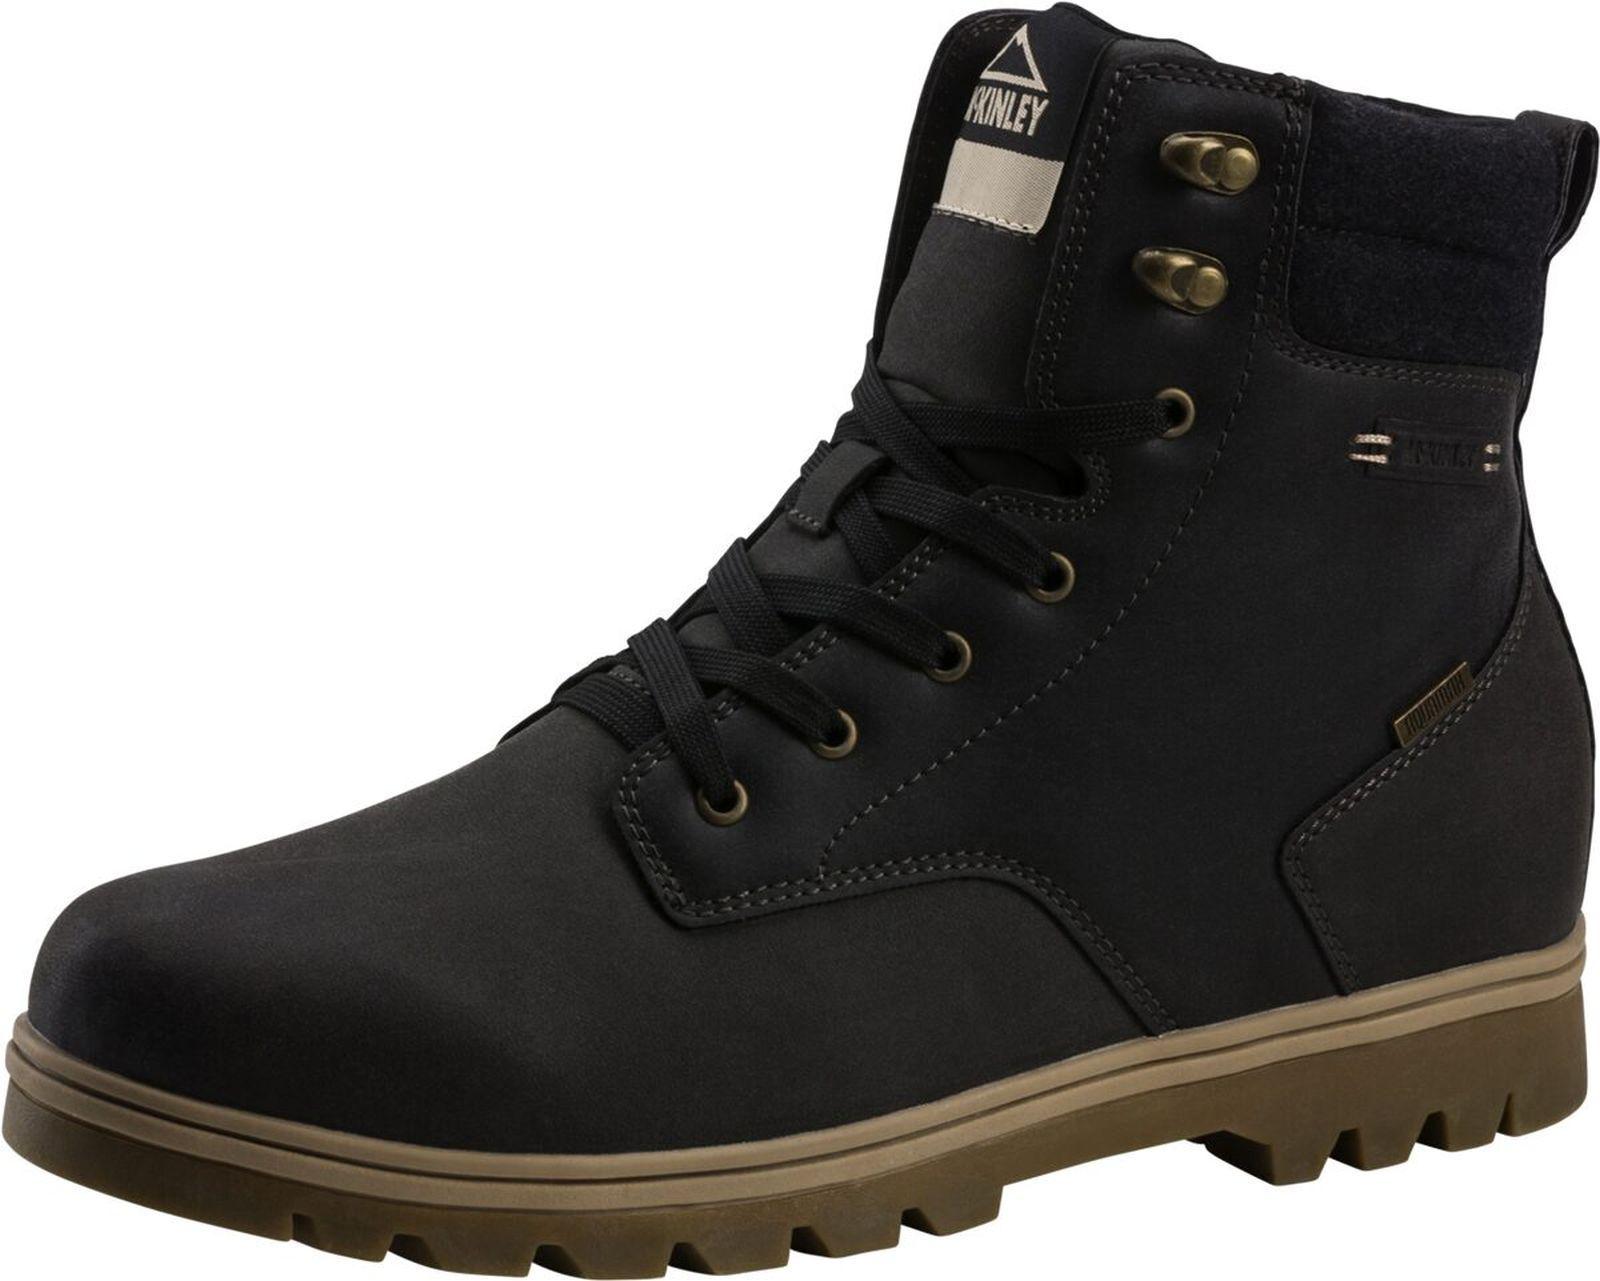 Mckinley Hombre botas de Invierno Luca Aqx gris Oscuro